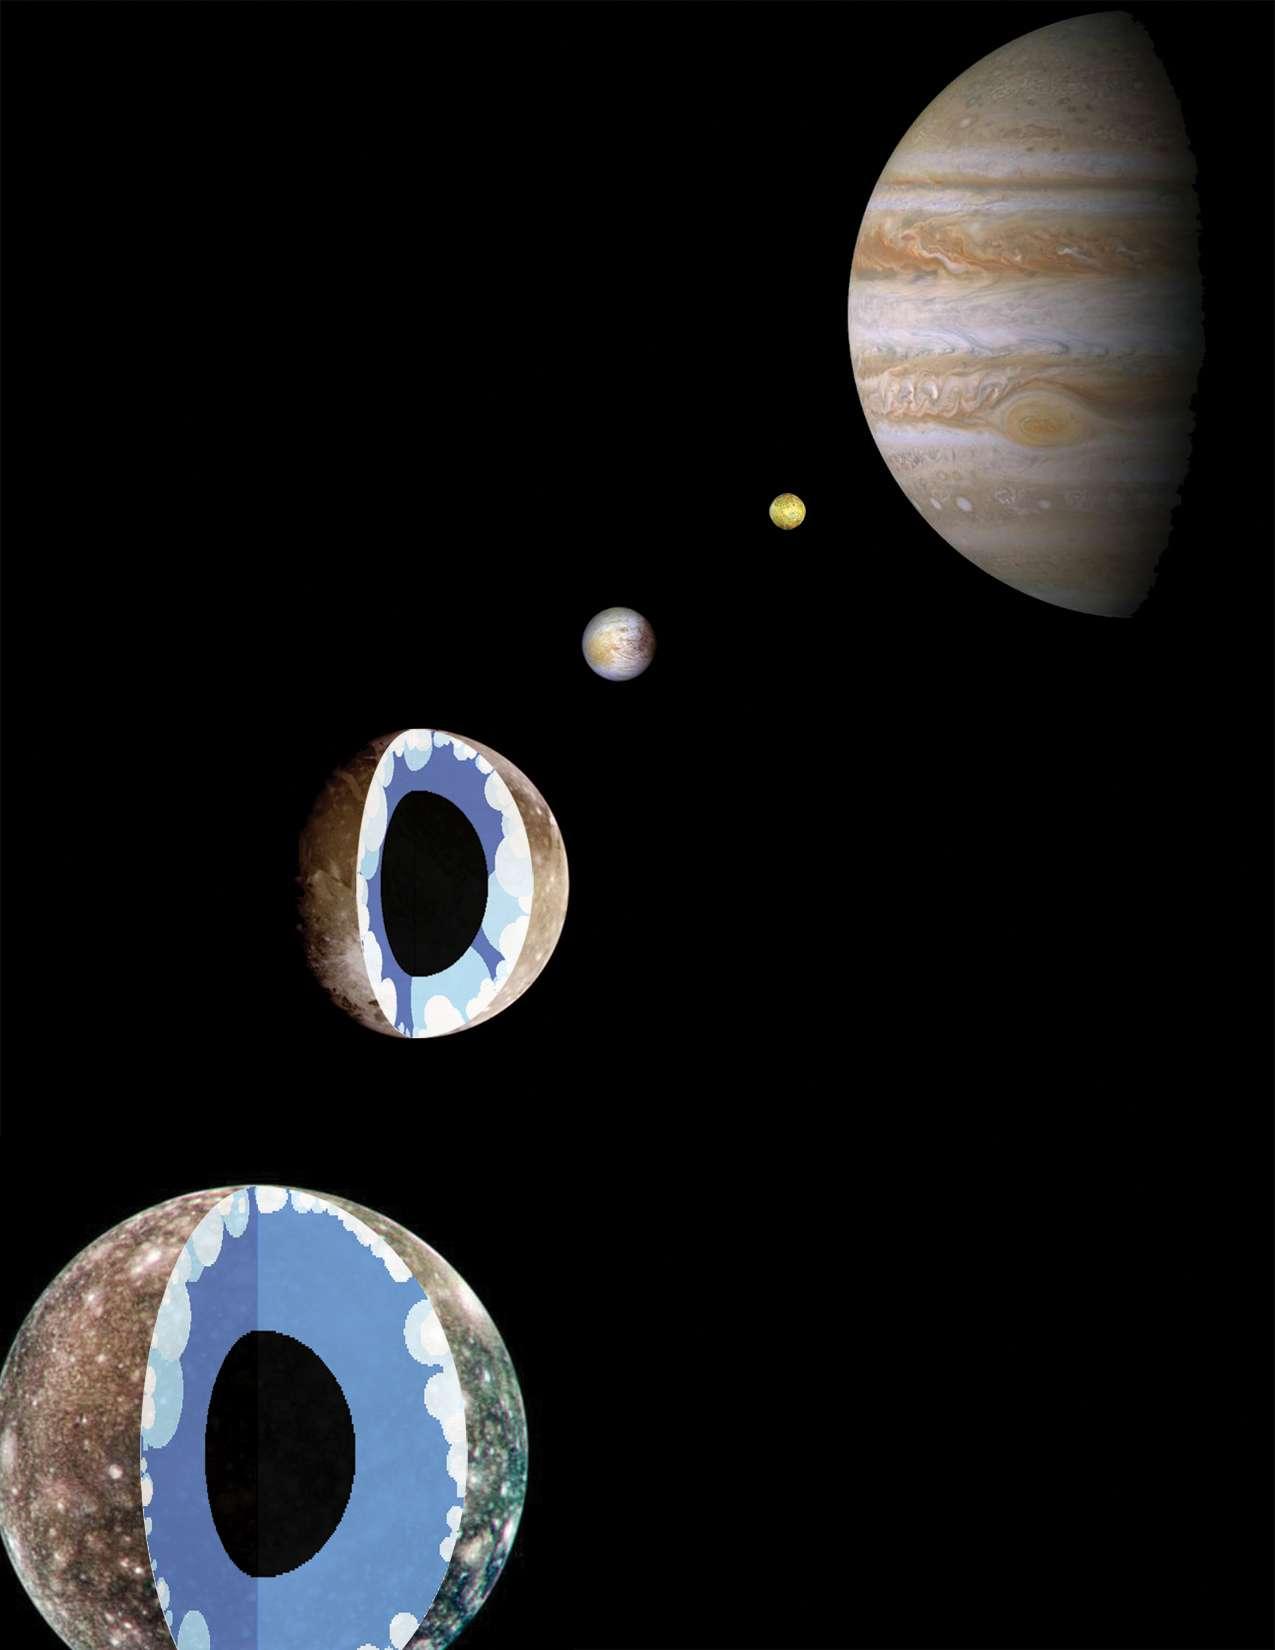 Jupiter (à droite) et les satellites galiléens (de droite à gauche Io, Europe, Ganymède et Callisto). On voit des coupes des intérieurs possibles de Ganymede et Callisto. En noir, le cœur rocheux, en bleu un mélange roches et glaces et, en blanc, des glaces sans roches. Crédit : Southwest Research Institute